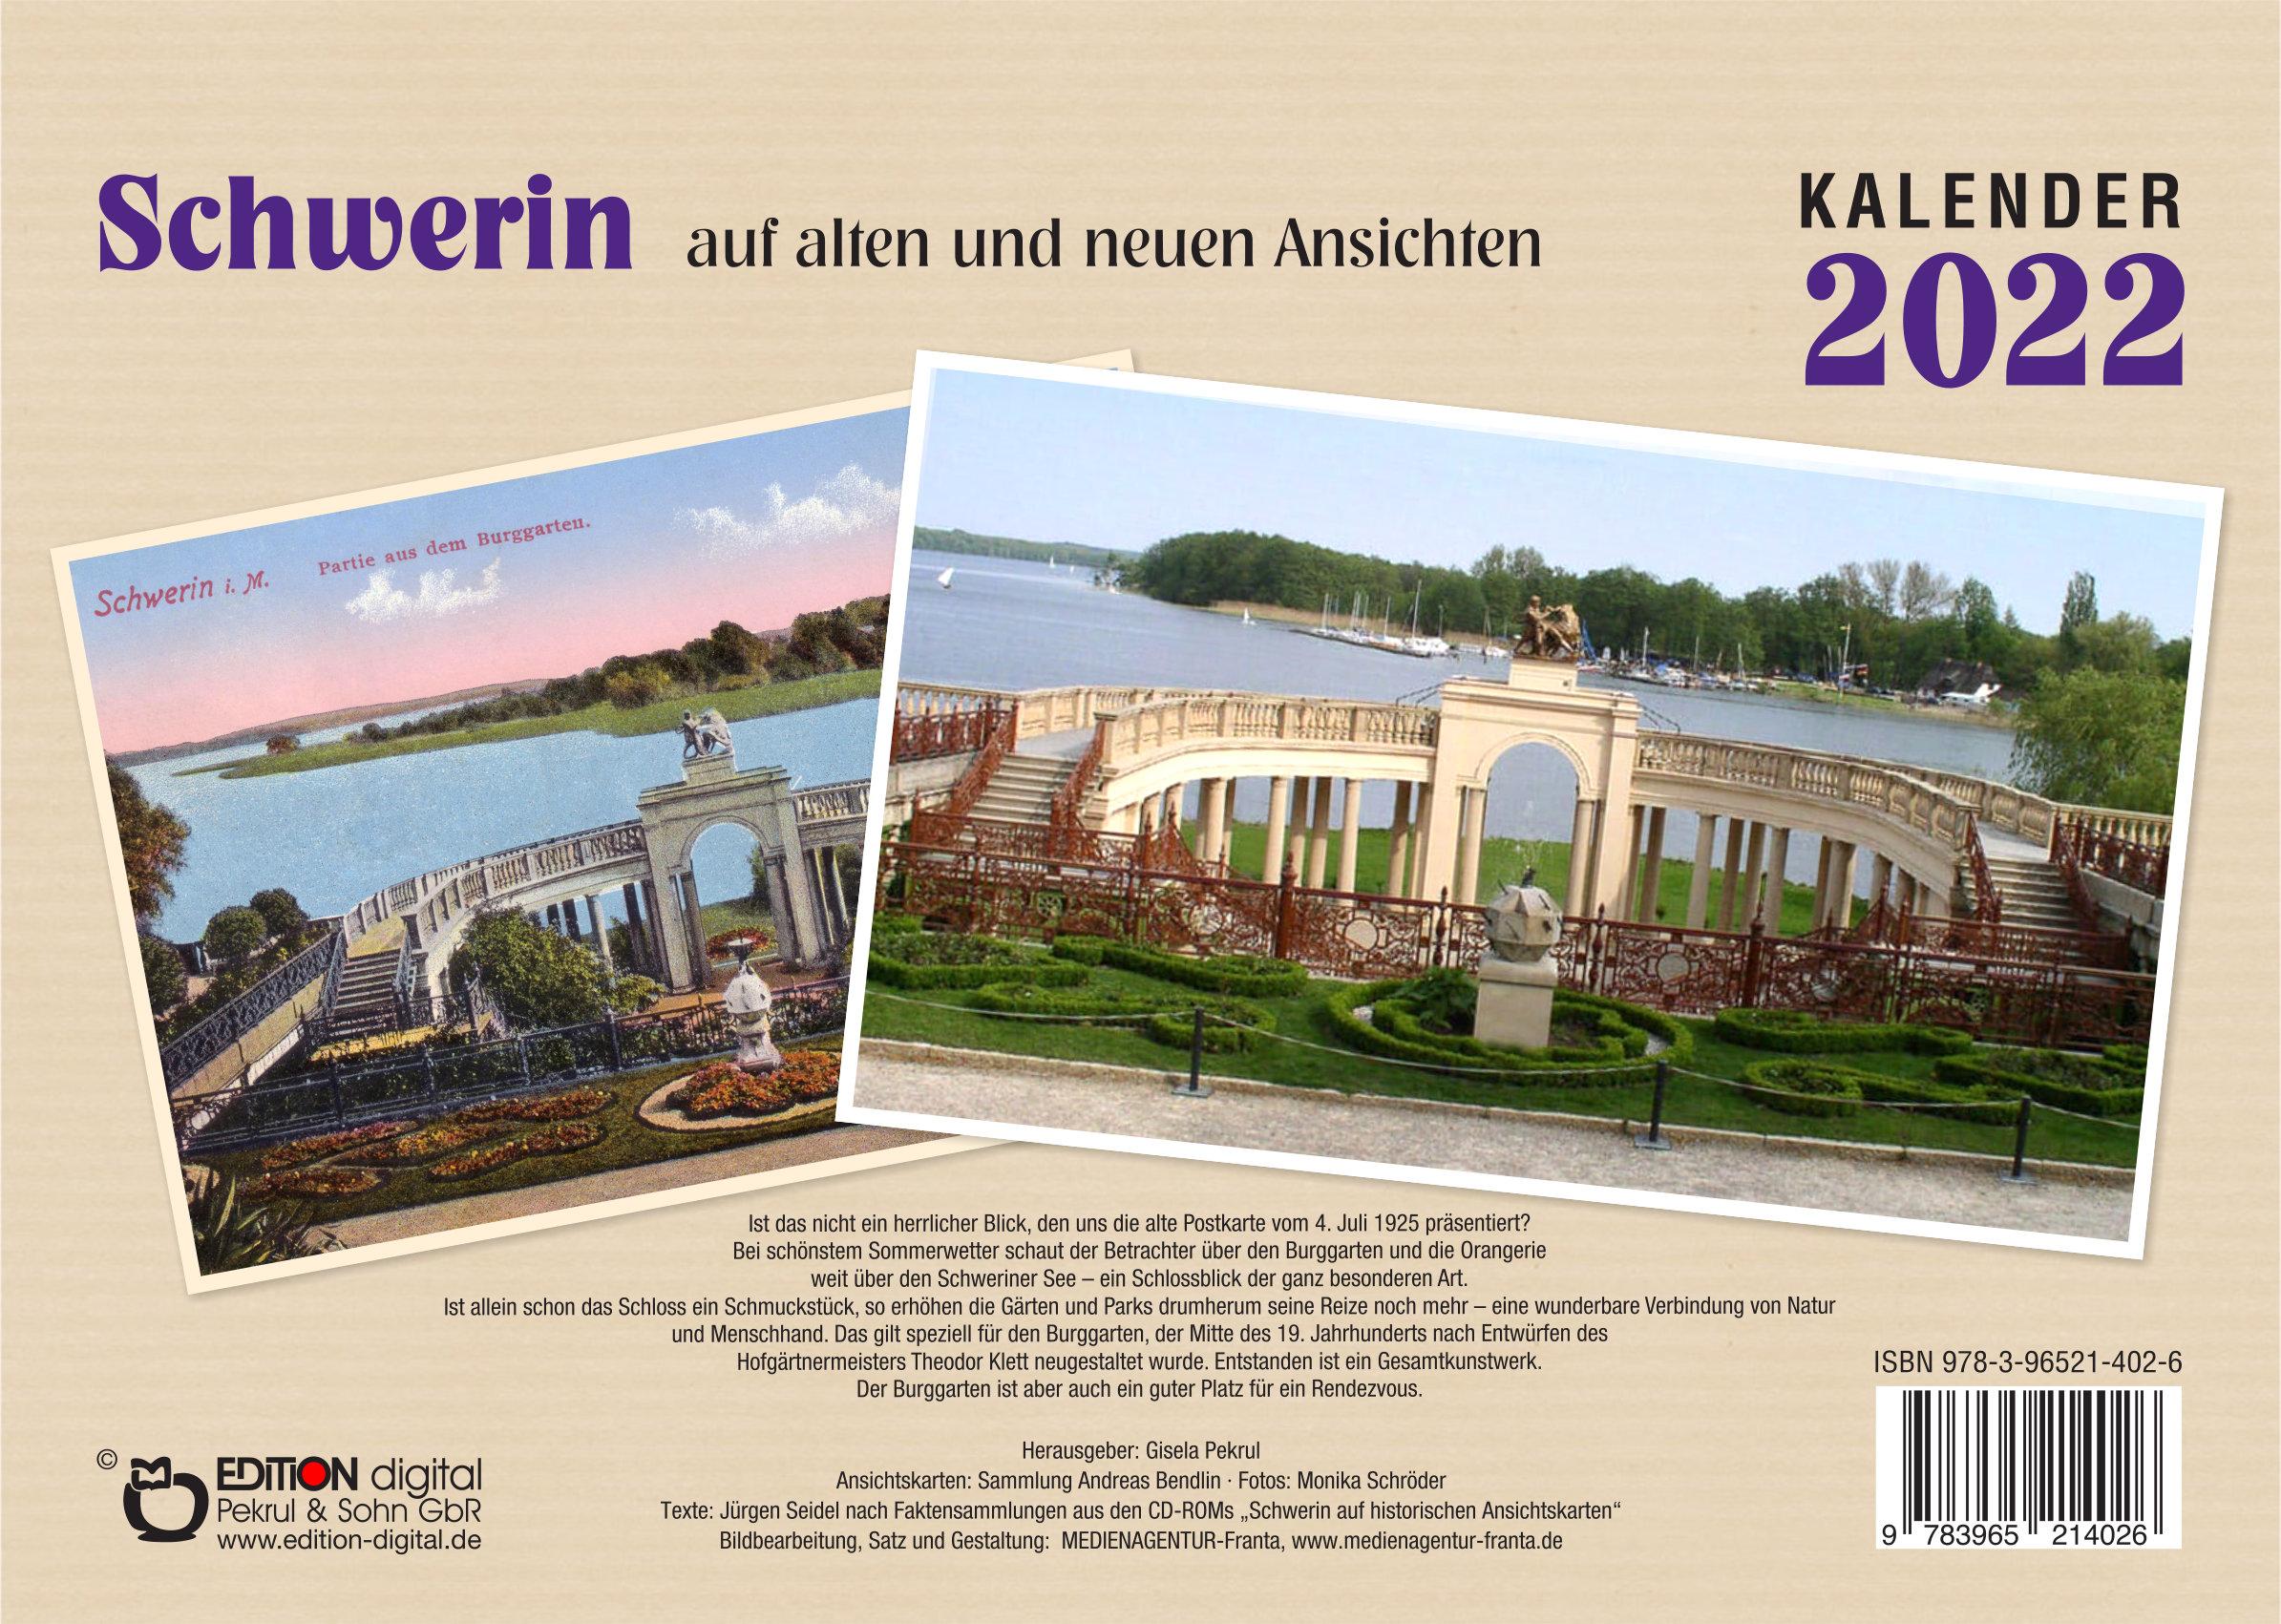 Kalender 2022: Schwerin auf alten und neuen Ansichten von Gisela Pekrul